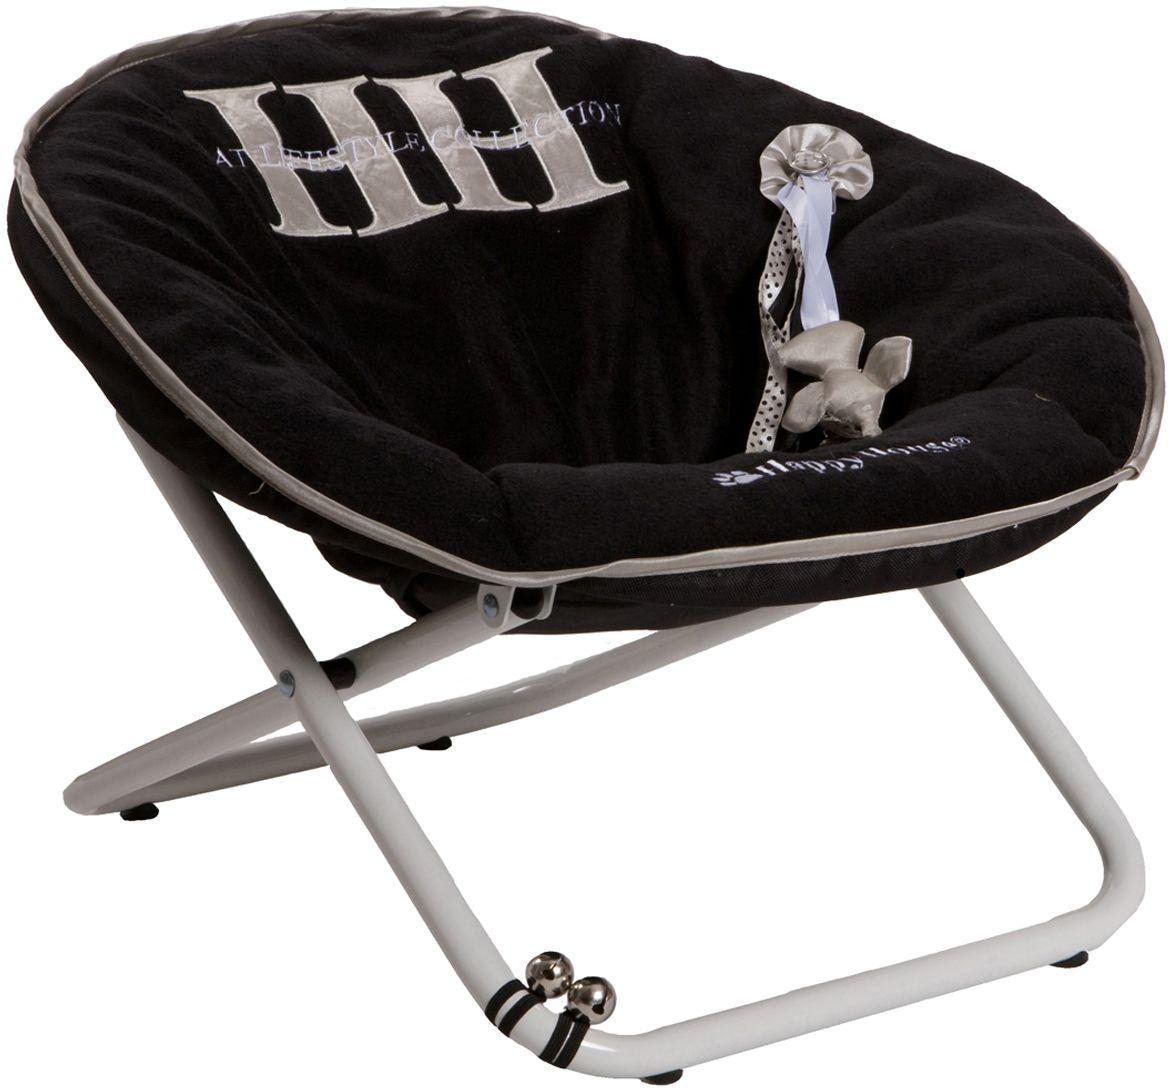 Стул для кошек Happy House Cat Lifestyle, цвет: черный, 55 х 51 х 36 см8308-3Стул для животных Happy House Cat Lifestyle - прекрасный большой стул для кошки. Стул имеет металлический каркас и сиденье, выполненное из полиэстера с наполнителем из полиэстерового волокна. Сиденье легко снимается с каркаса. Его можно стирать при температуре 30°С. На сиденье имеется игрушка. С таким стулом вашей кошке не придется скучать. Максимальная вместимость стула - 15 кг. На таком стуле вашему любимцу будет мягко и тепло. Он подарит вашему питомцу ощущение уюта и уединенности.